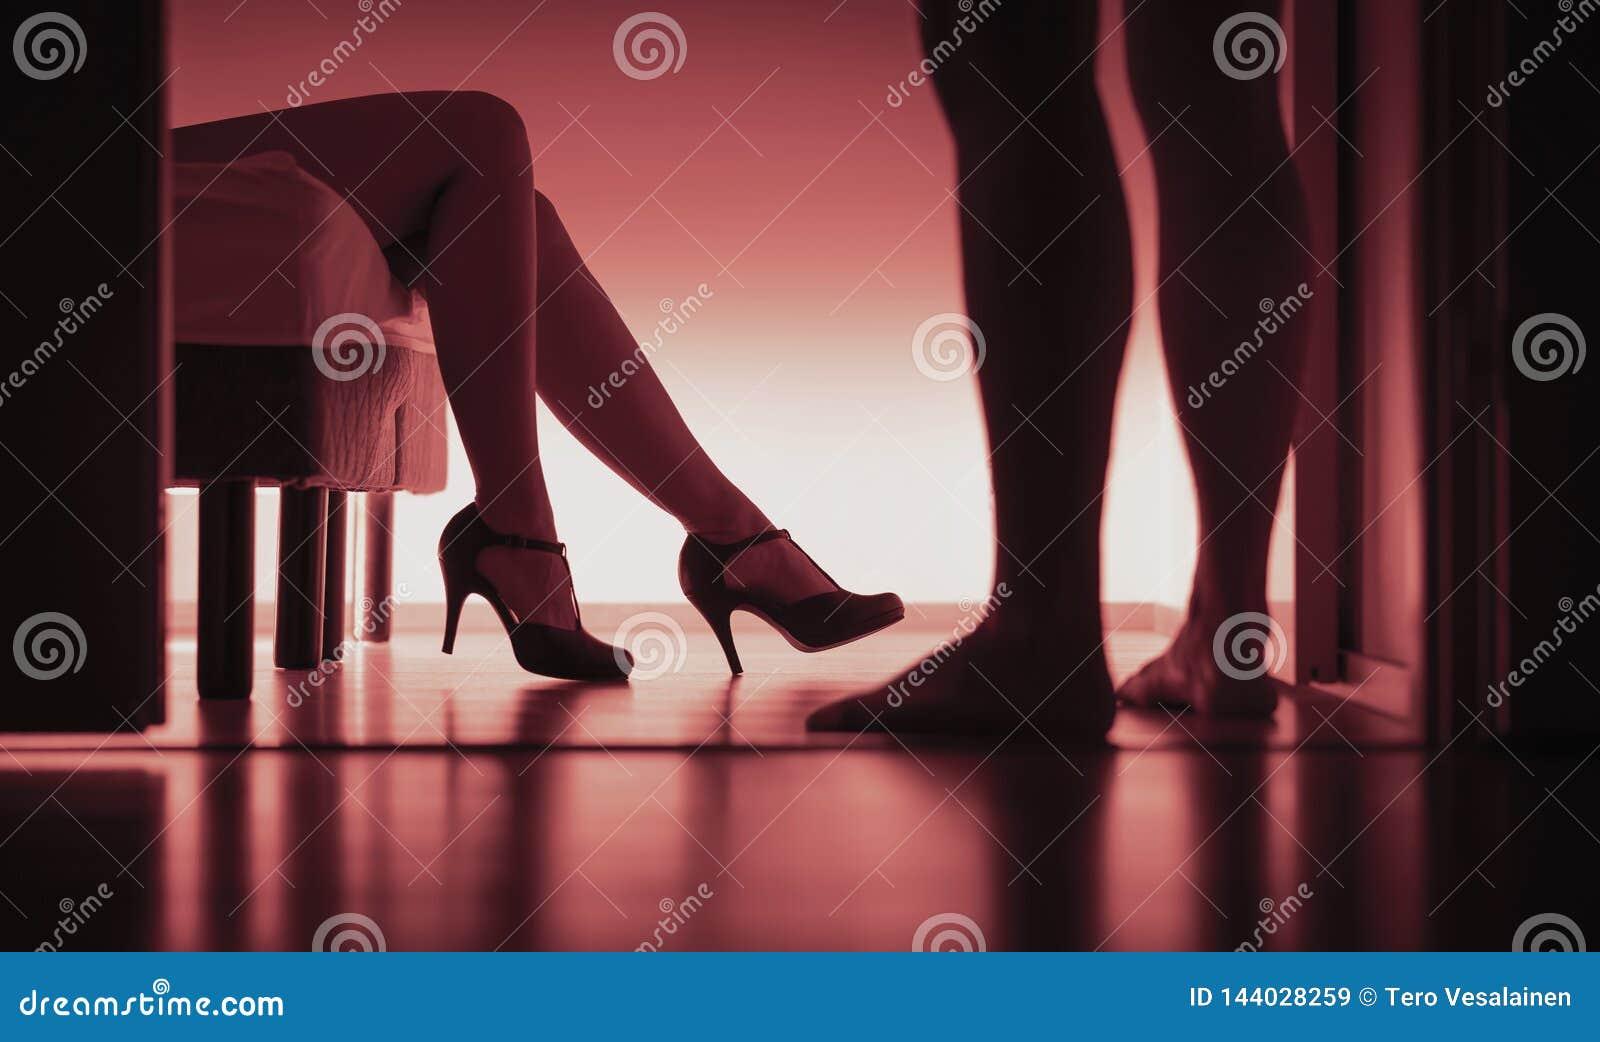 Escolta, sexo pago ou prostituição Silhueta  sexy  da mulher e do homem no quarto Conceito da violação ou do acosso sexual Menina